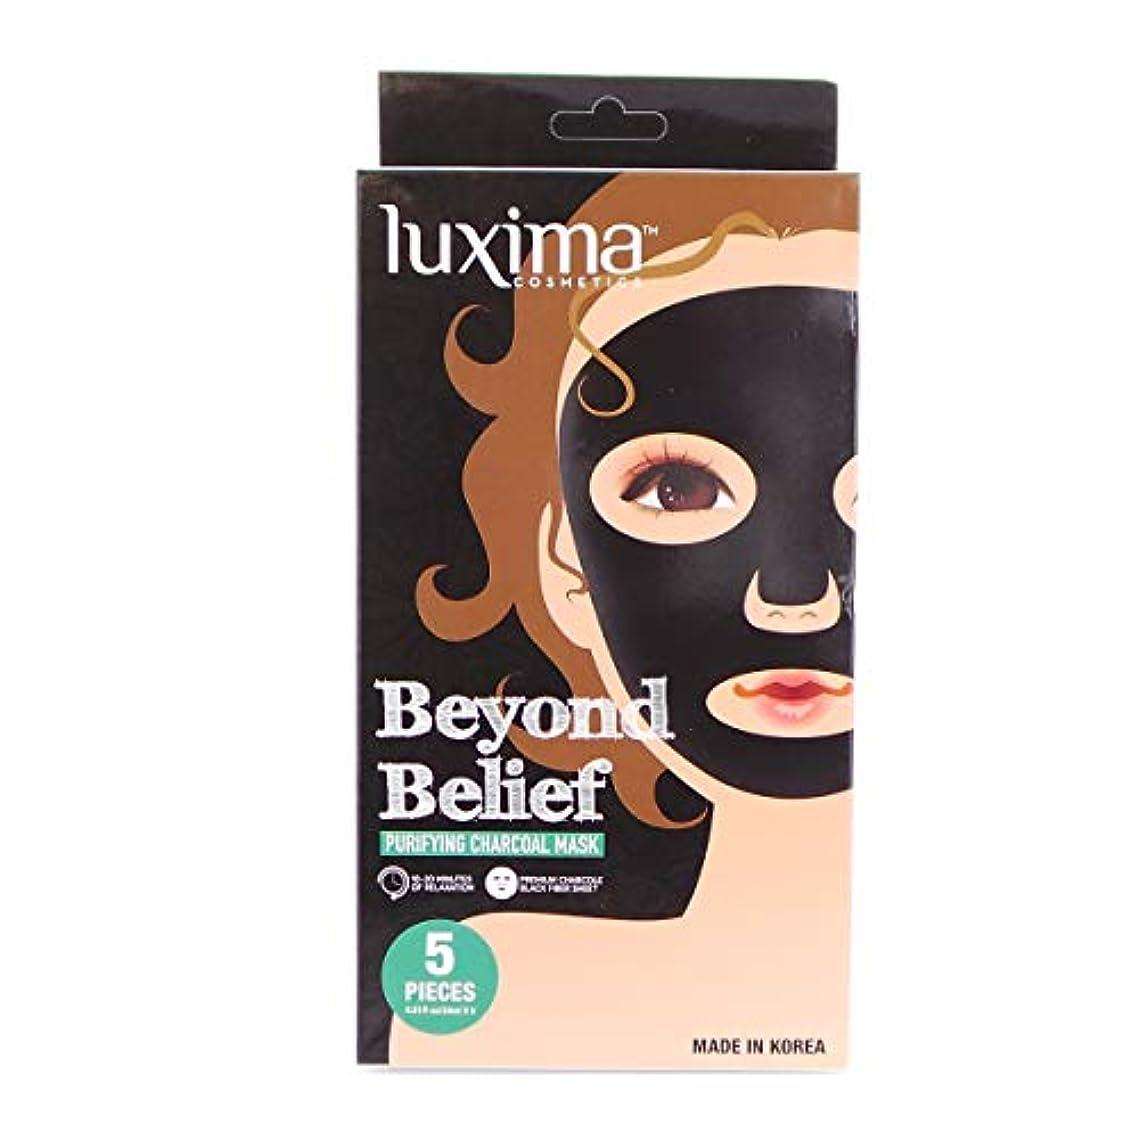 プロトタイプ魂そこから(3 Pack) LUXIMA Beyond Belief Purifying Charcoal Mask, Pack of 5 (並行輸入品)